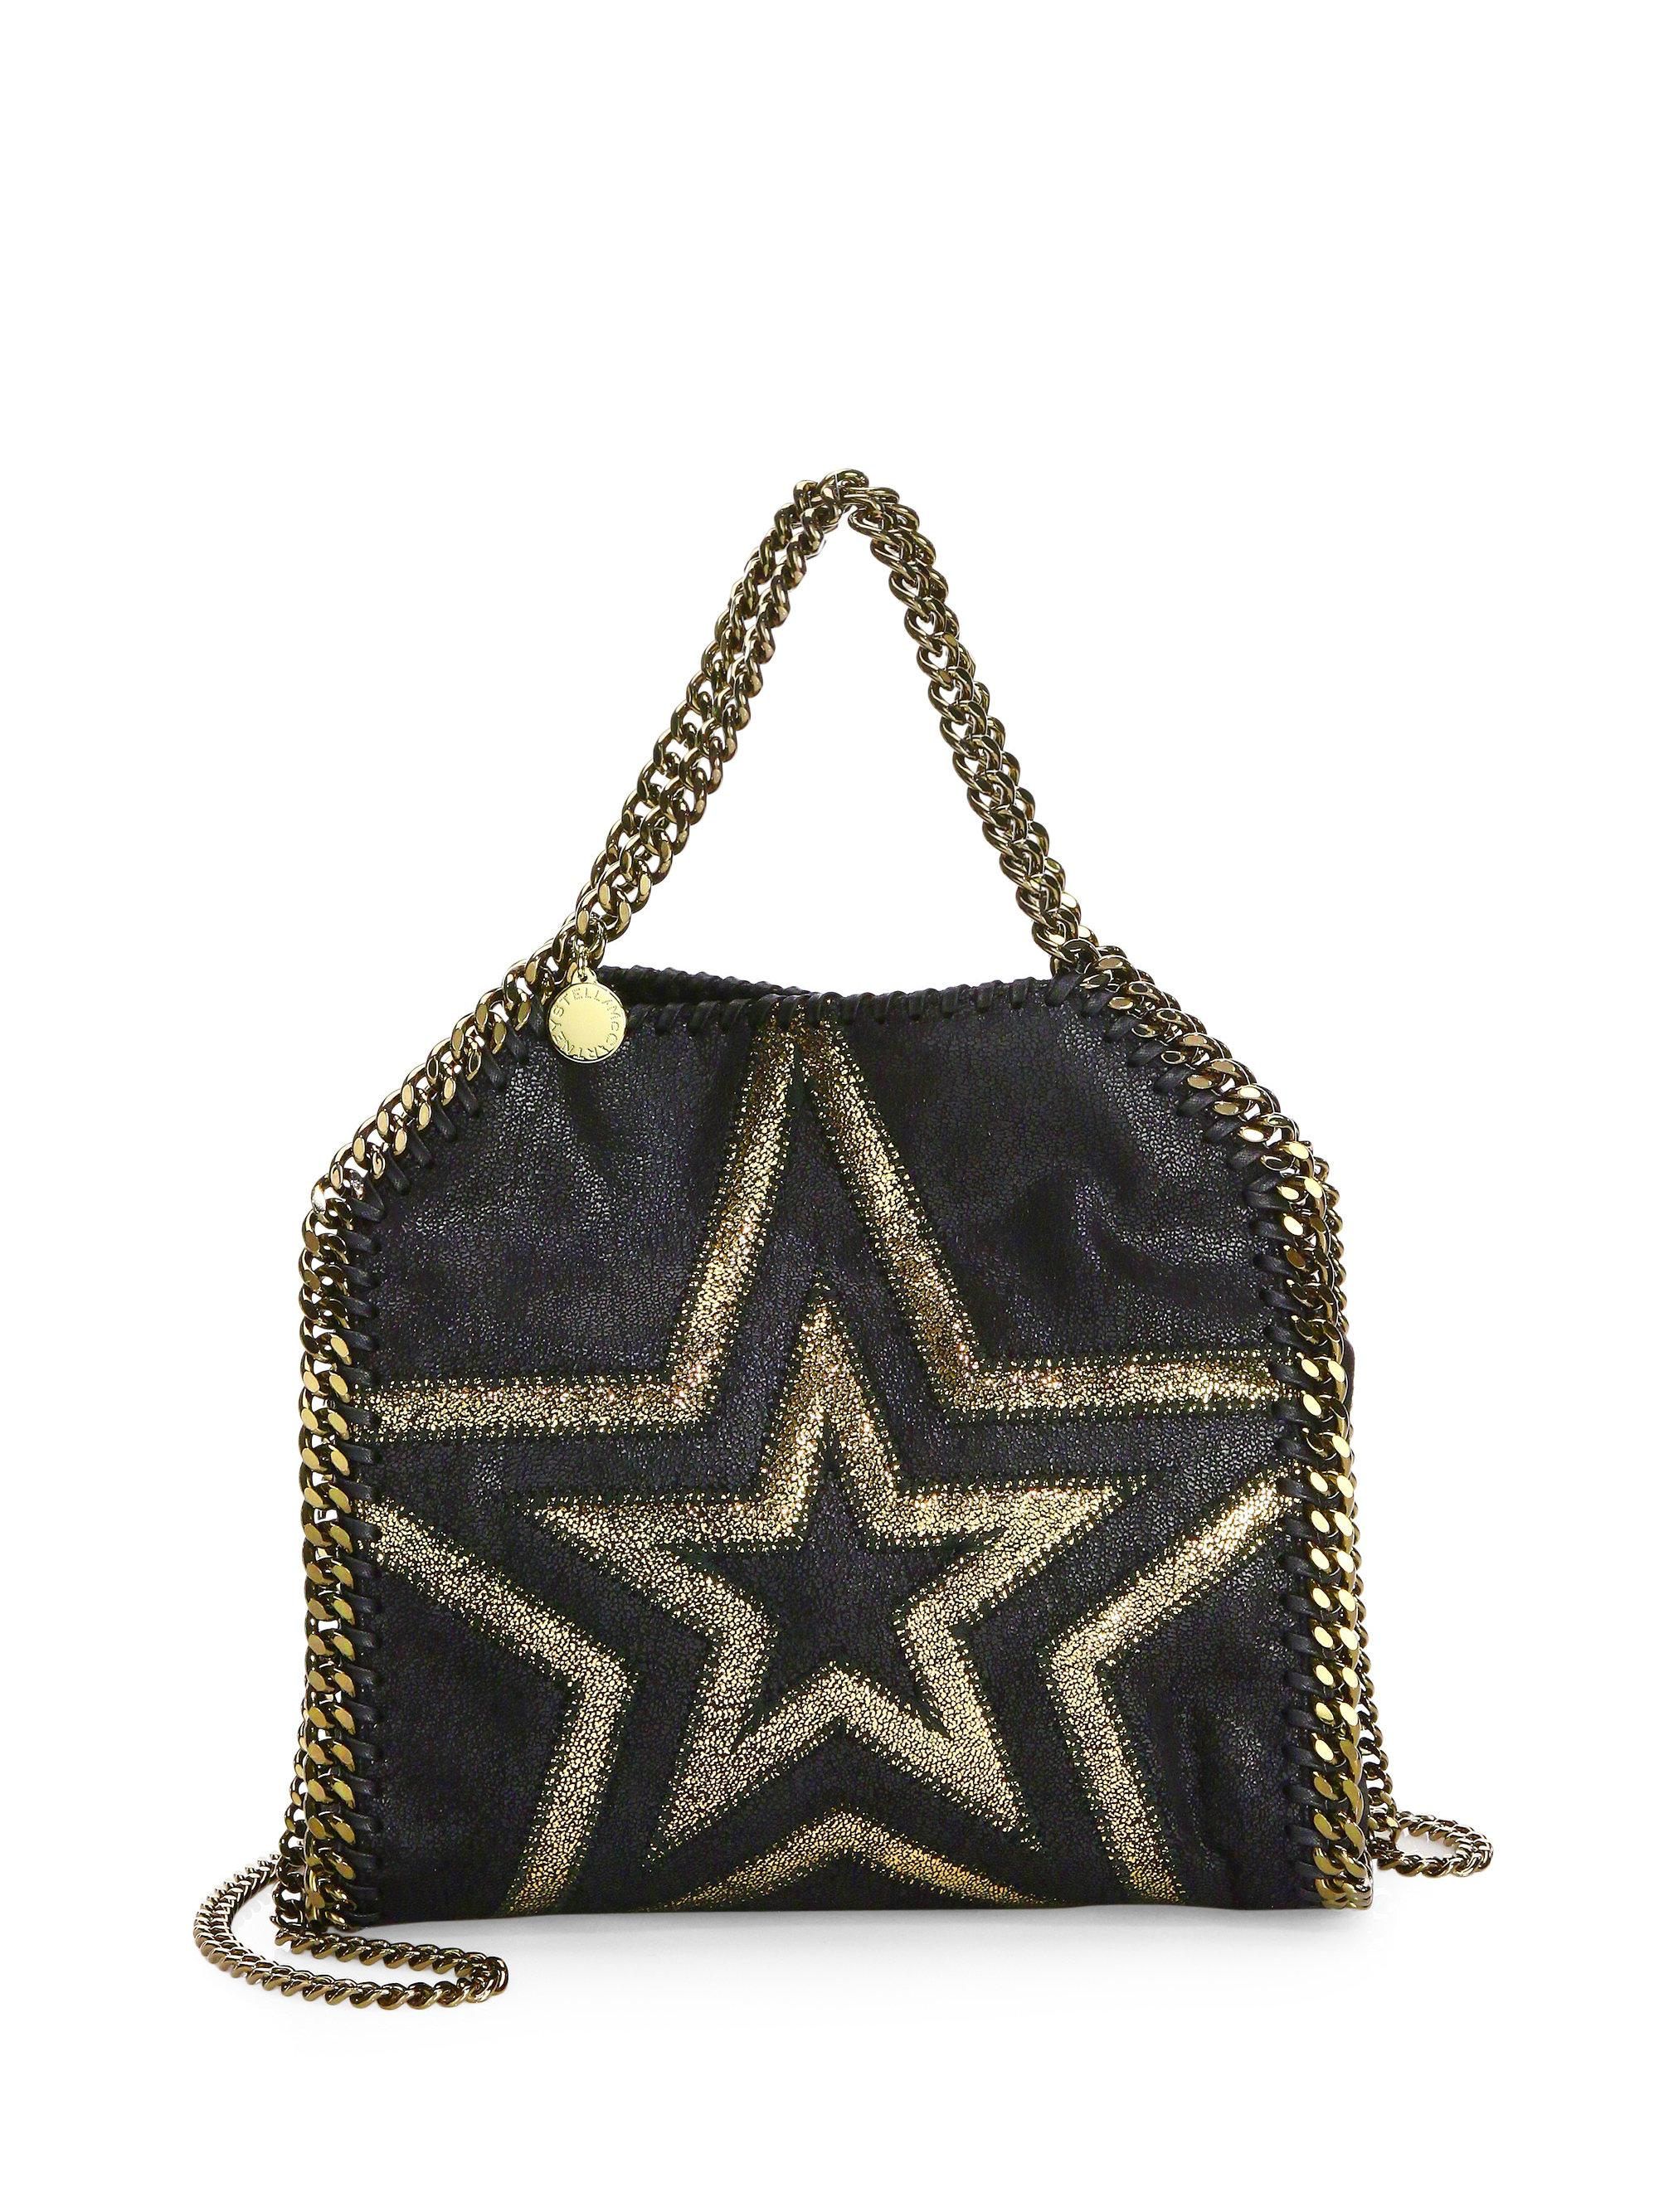 Lyst - Stella McCartney Shaggy Gradient Star Mini Bag in Black 8d5e482c3f2f6